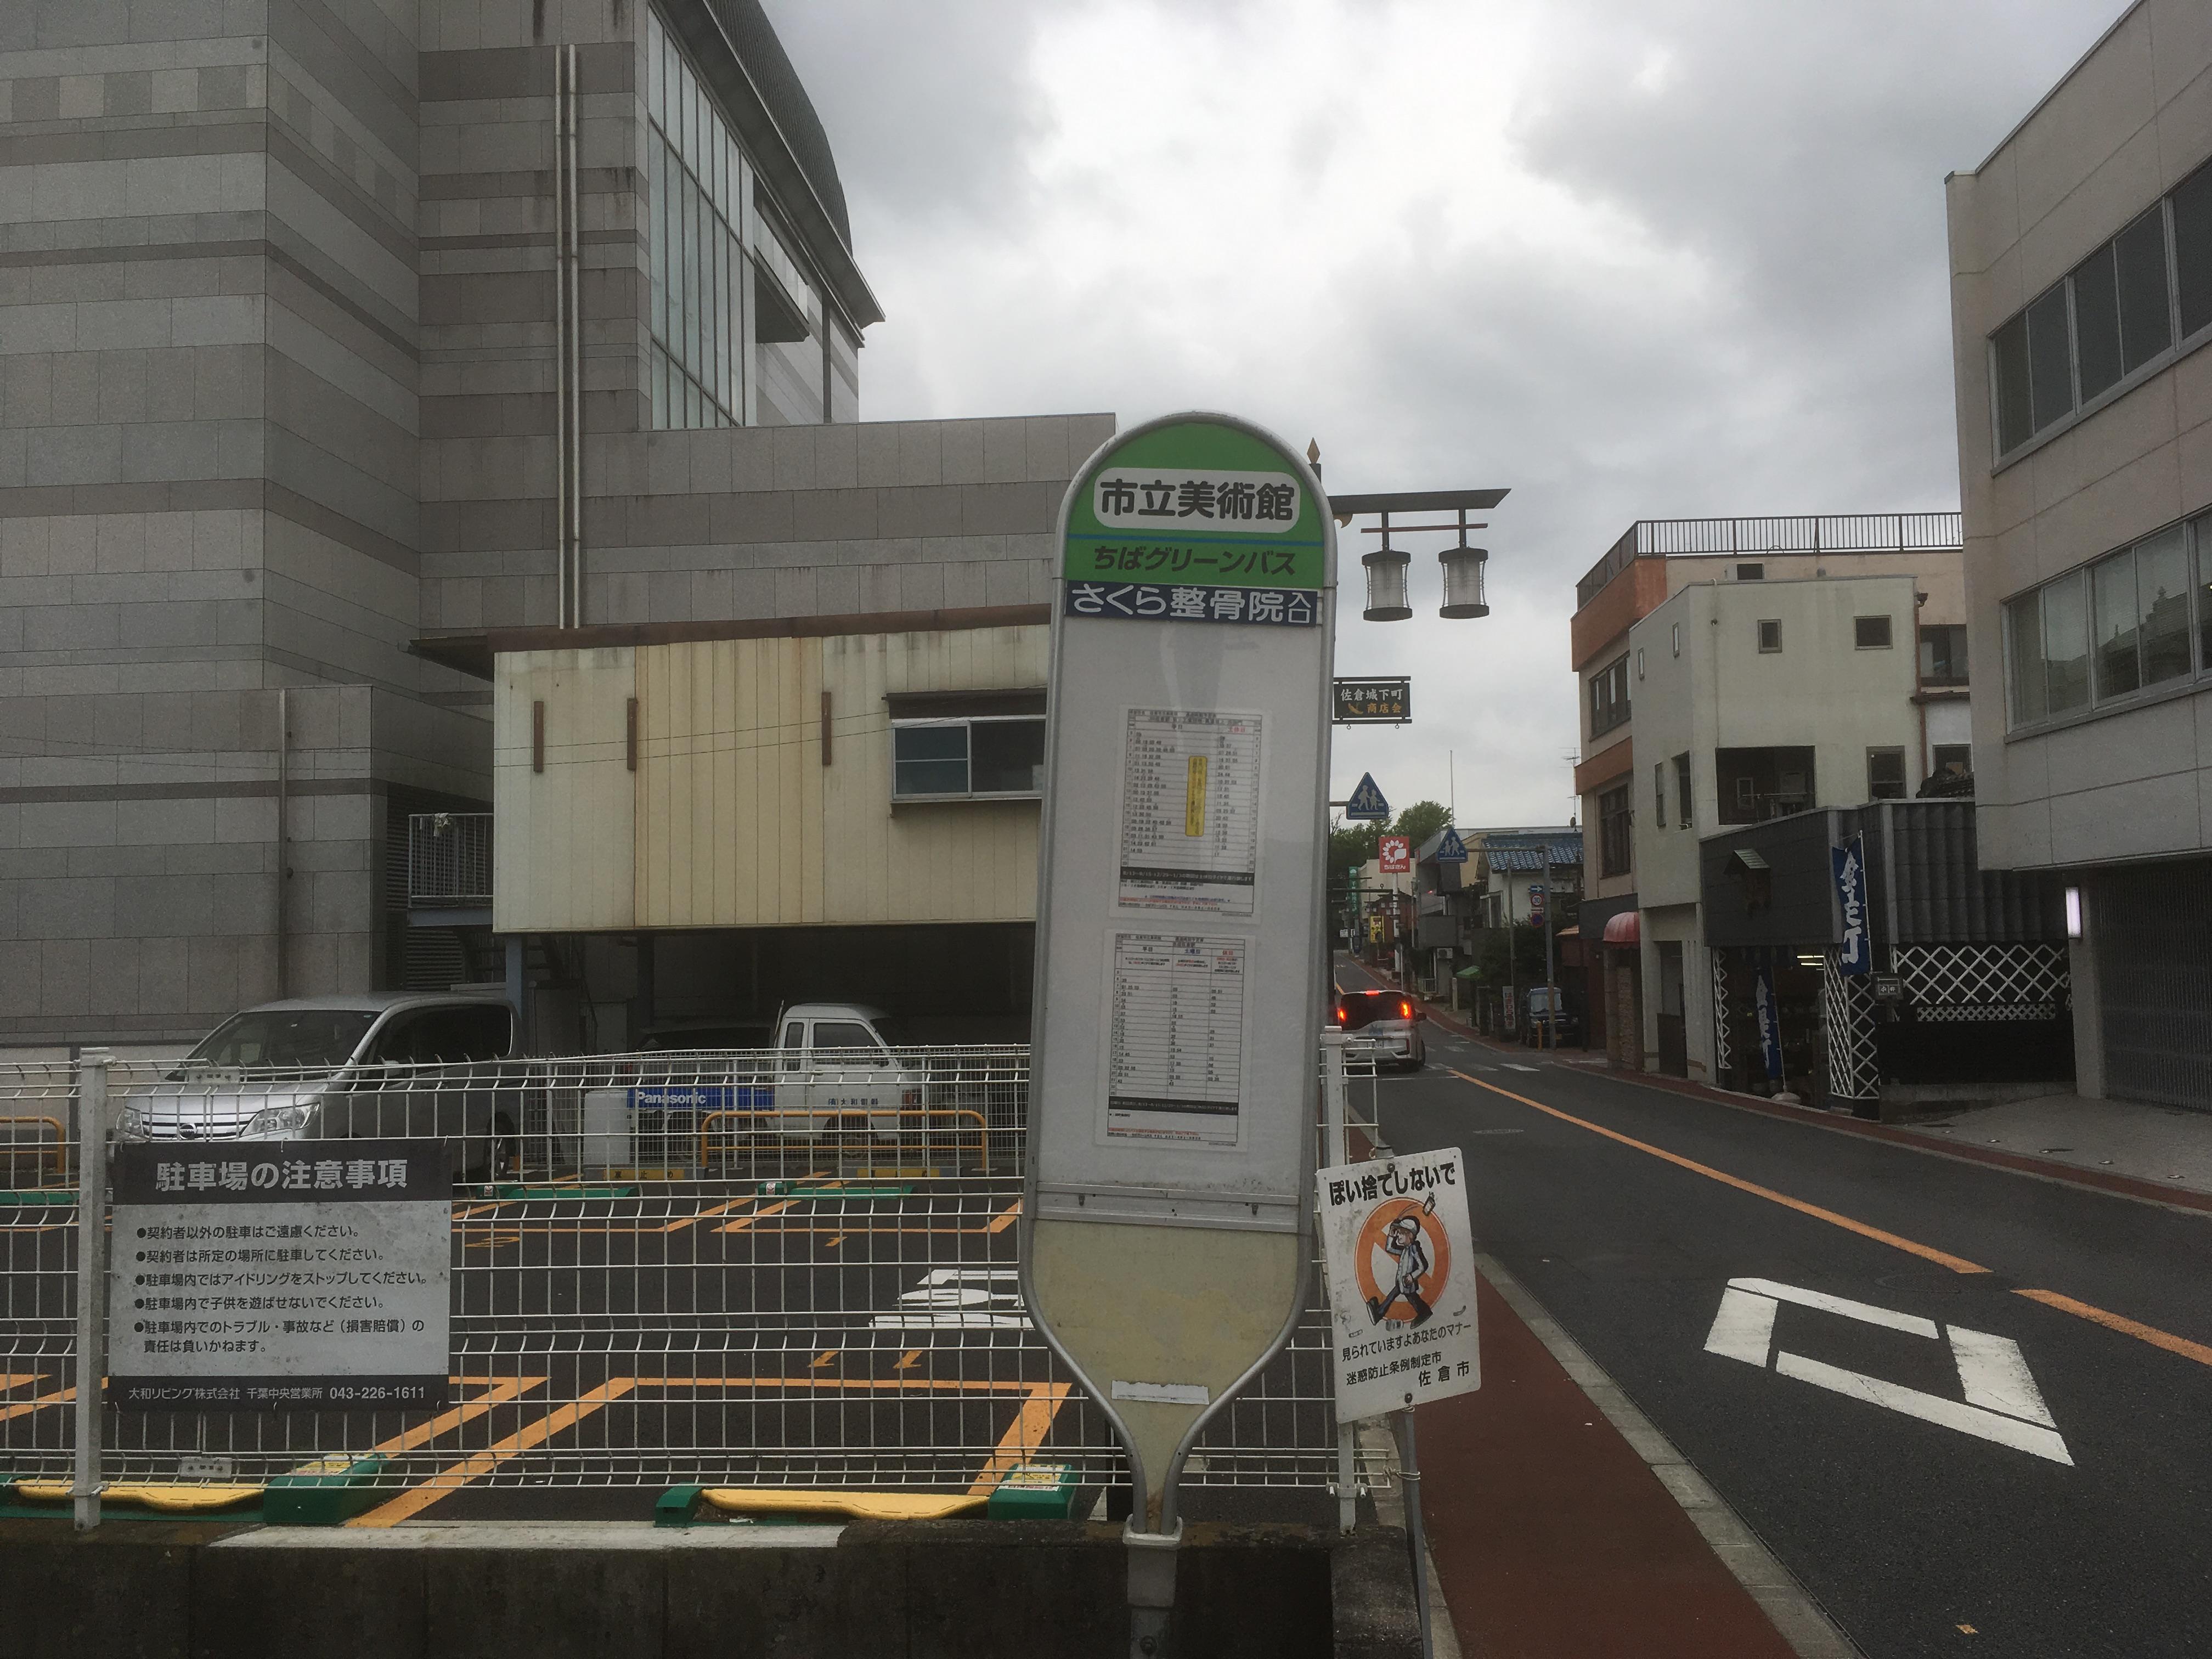 佐倉市立美術館 バス停